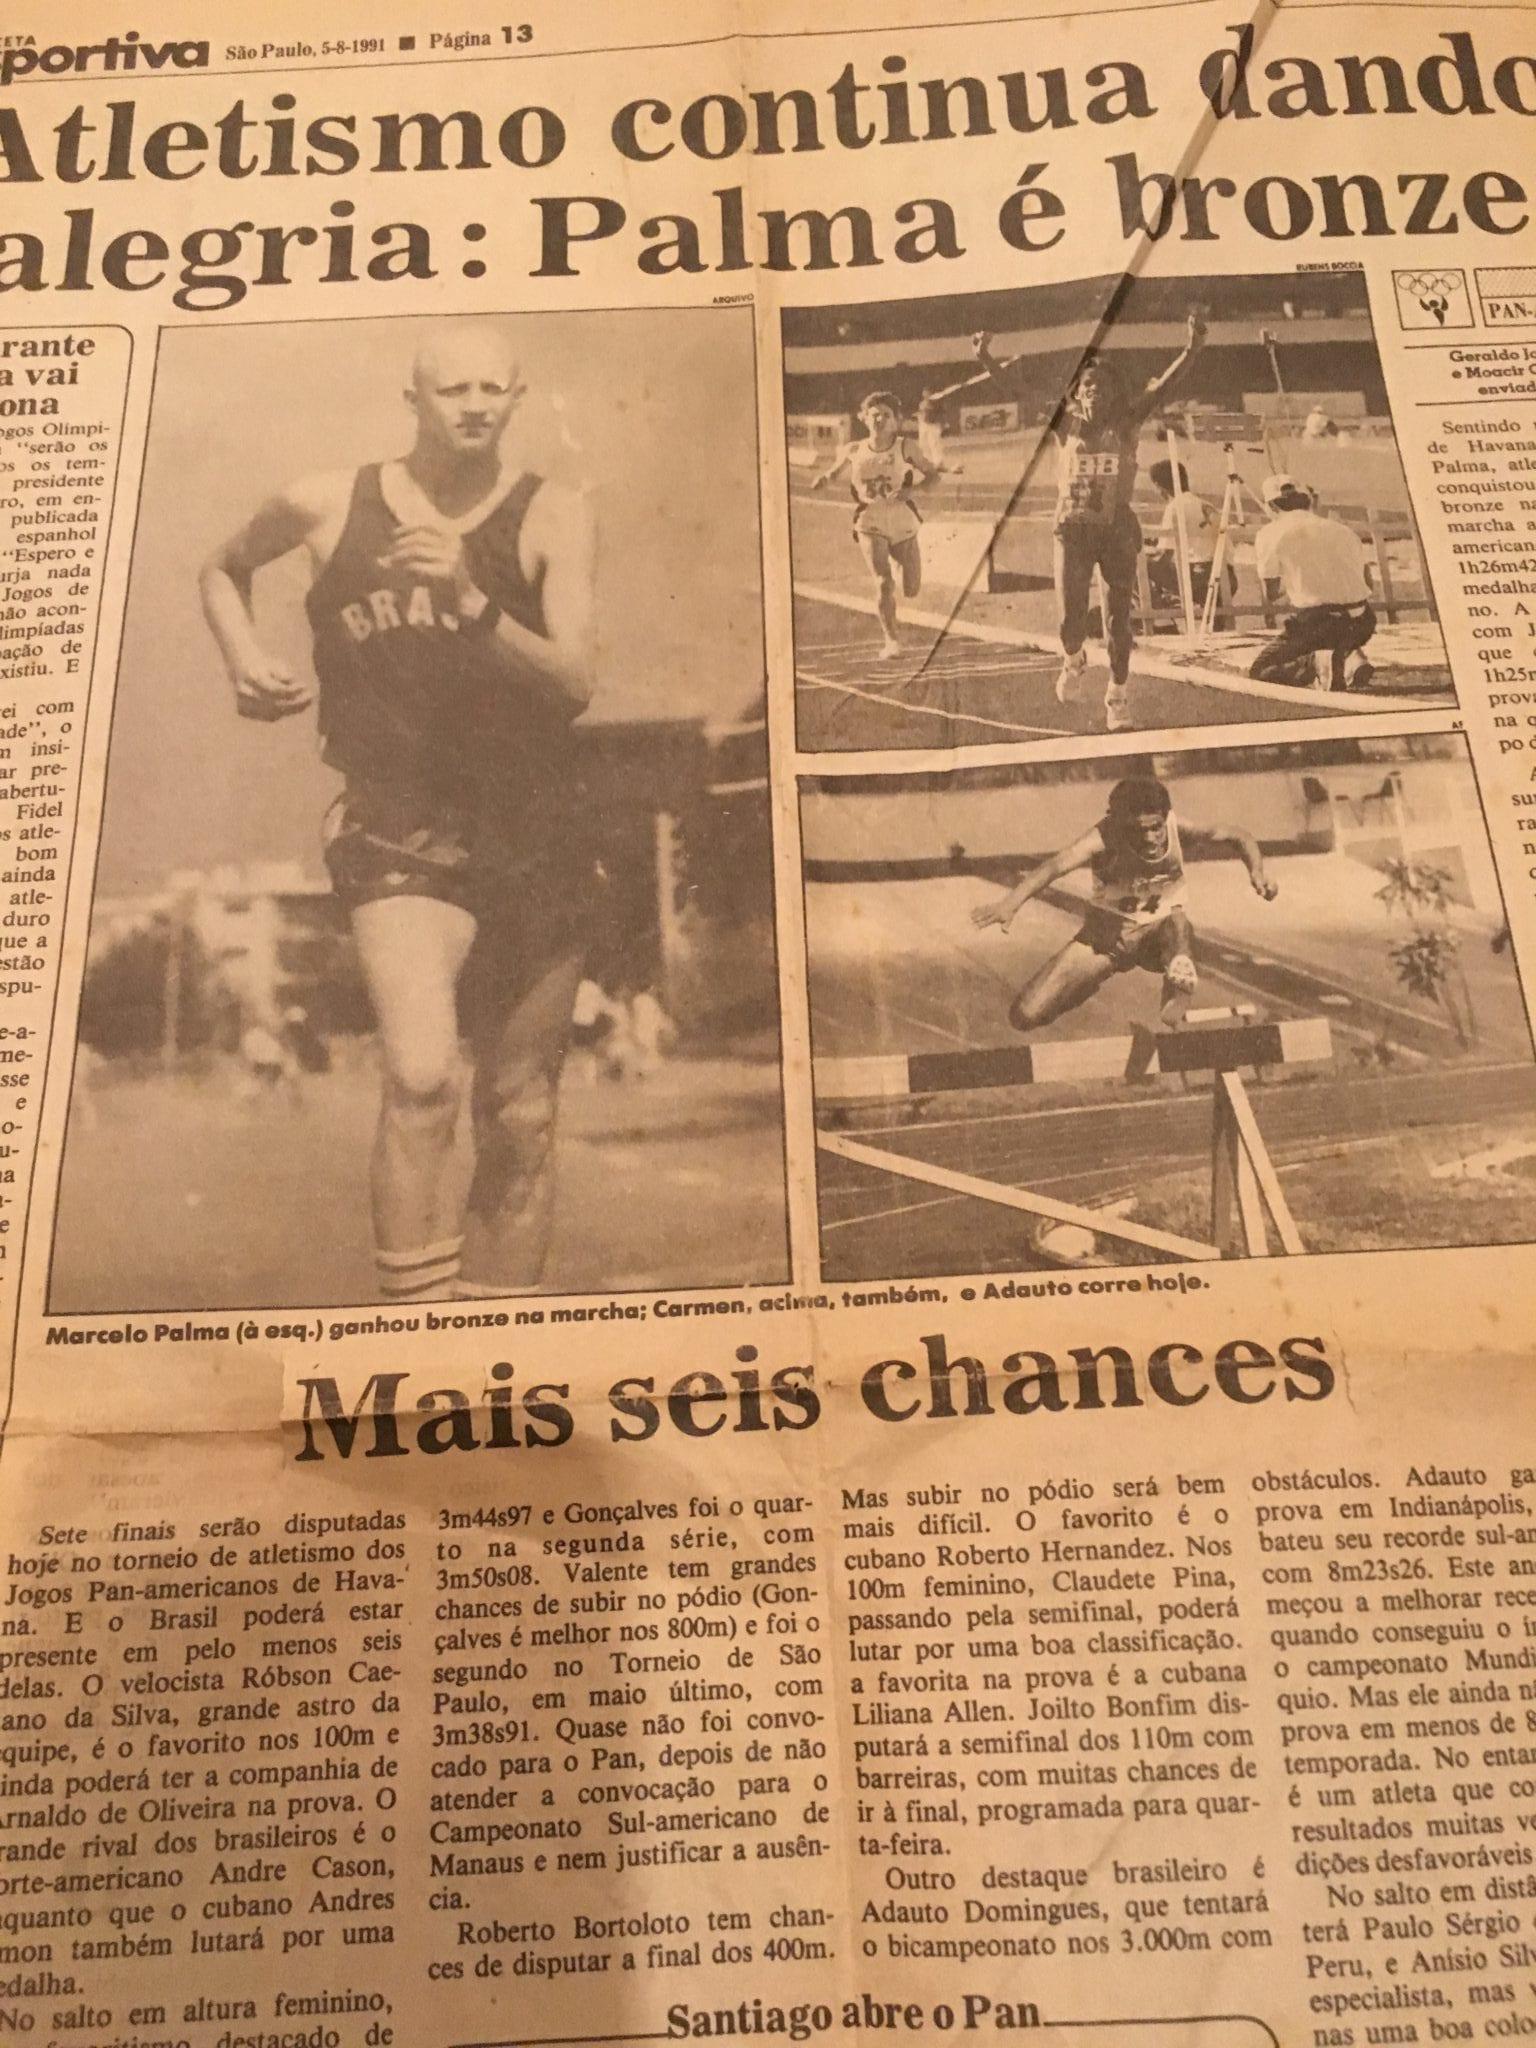 Psicólogo do Esporte Marcelo Moreira Palma, trazendo medalha para o Brasil quando atleta.